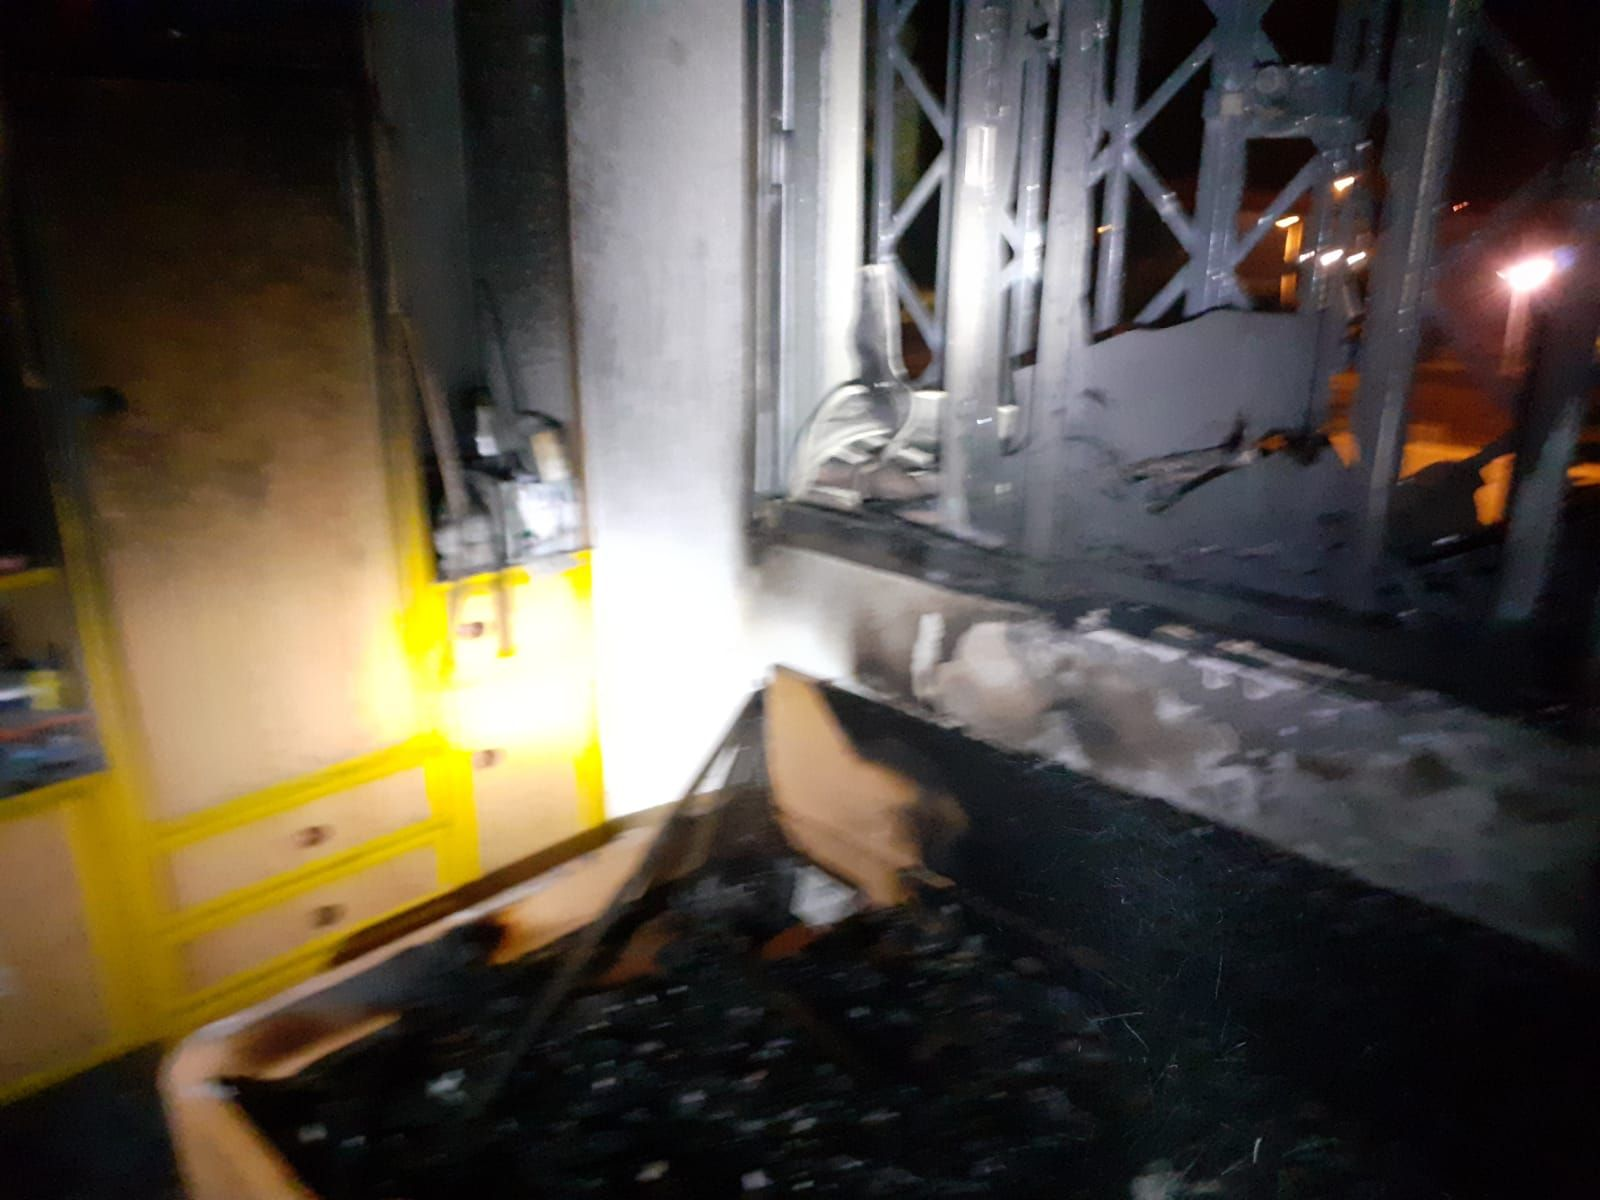 Incendio en una vivienda en Casablanca III